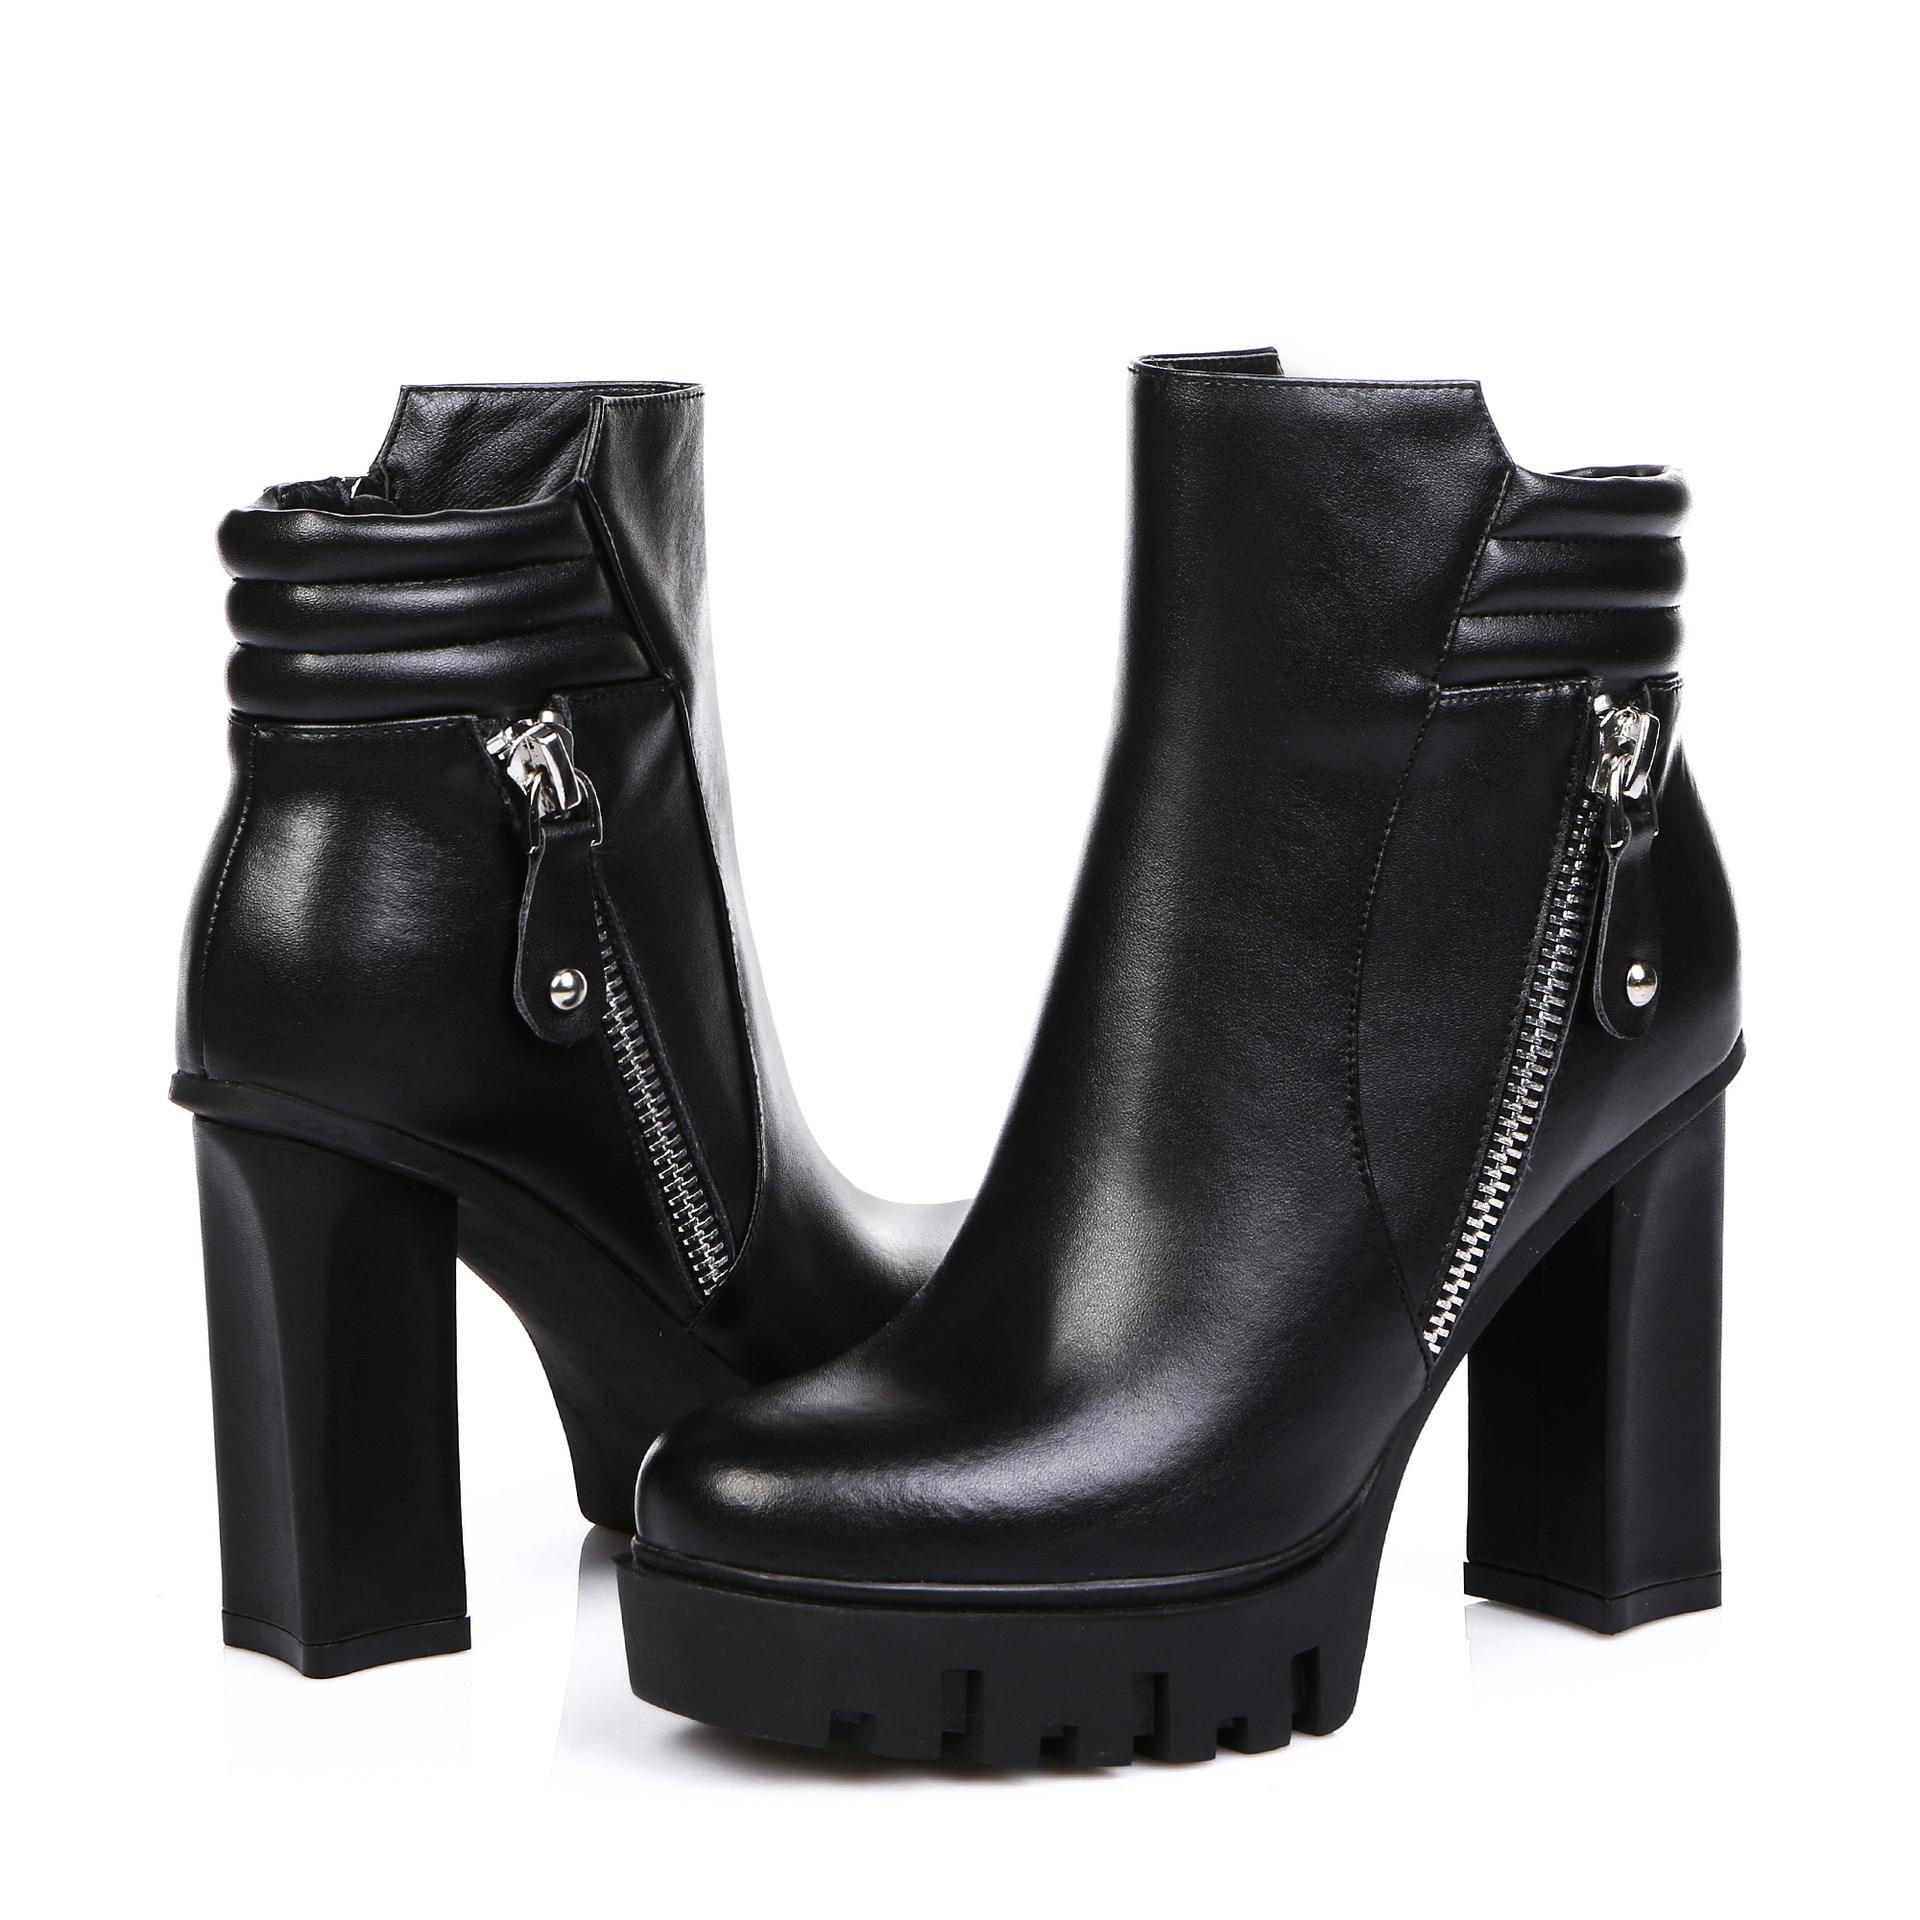 女士短靴处理 女士短靴清仓 东莞高价收购库存短靴